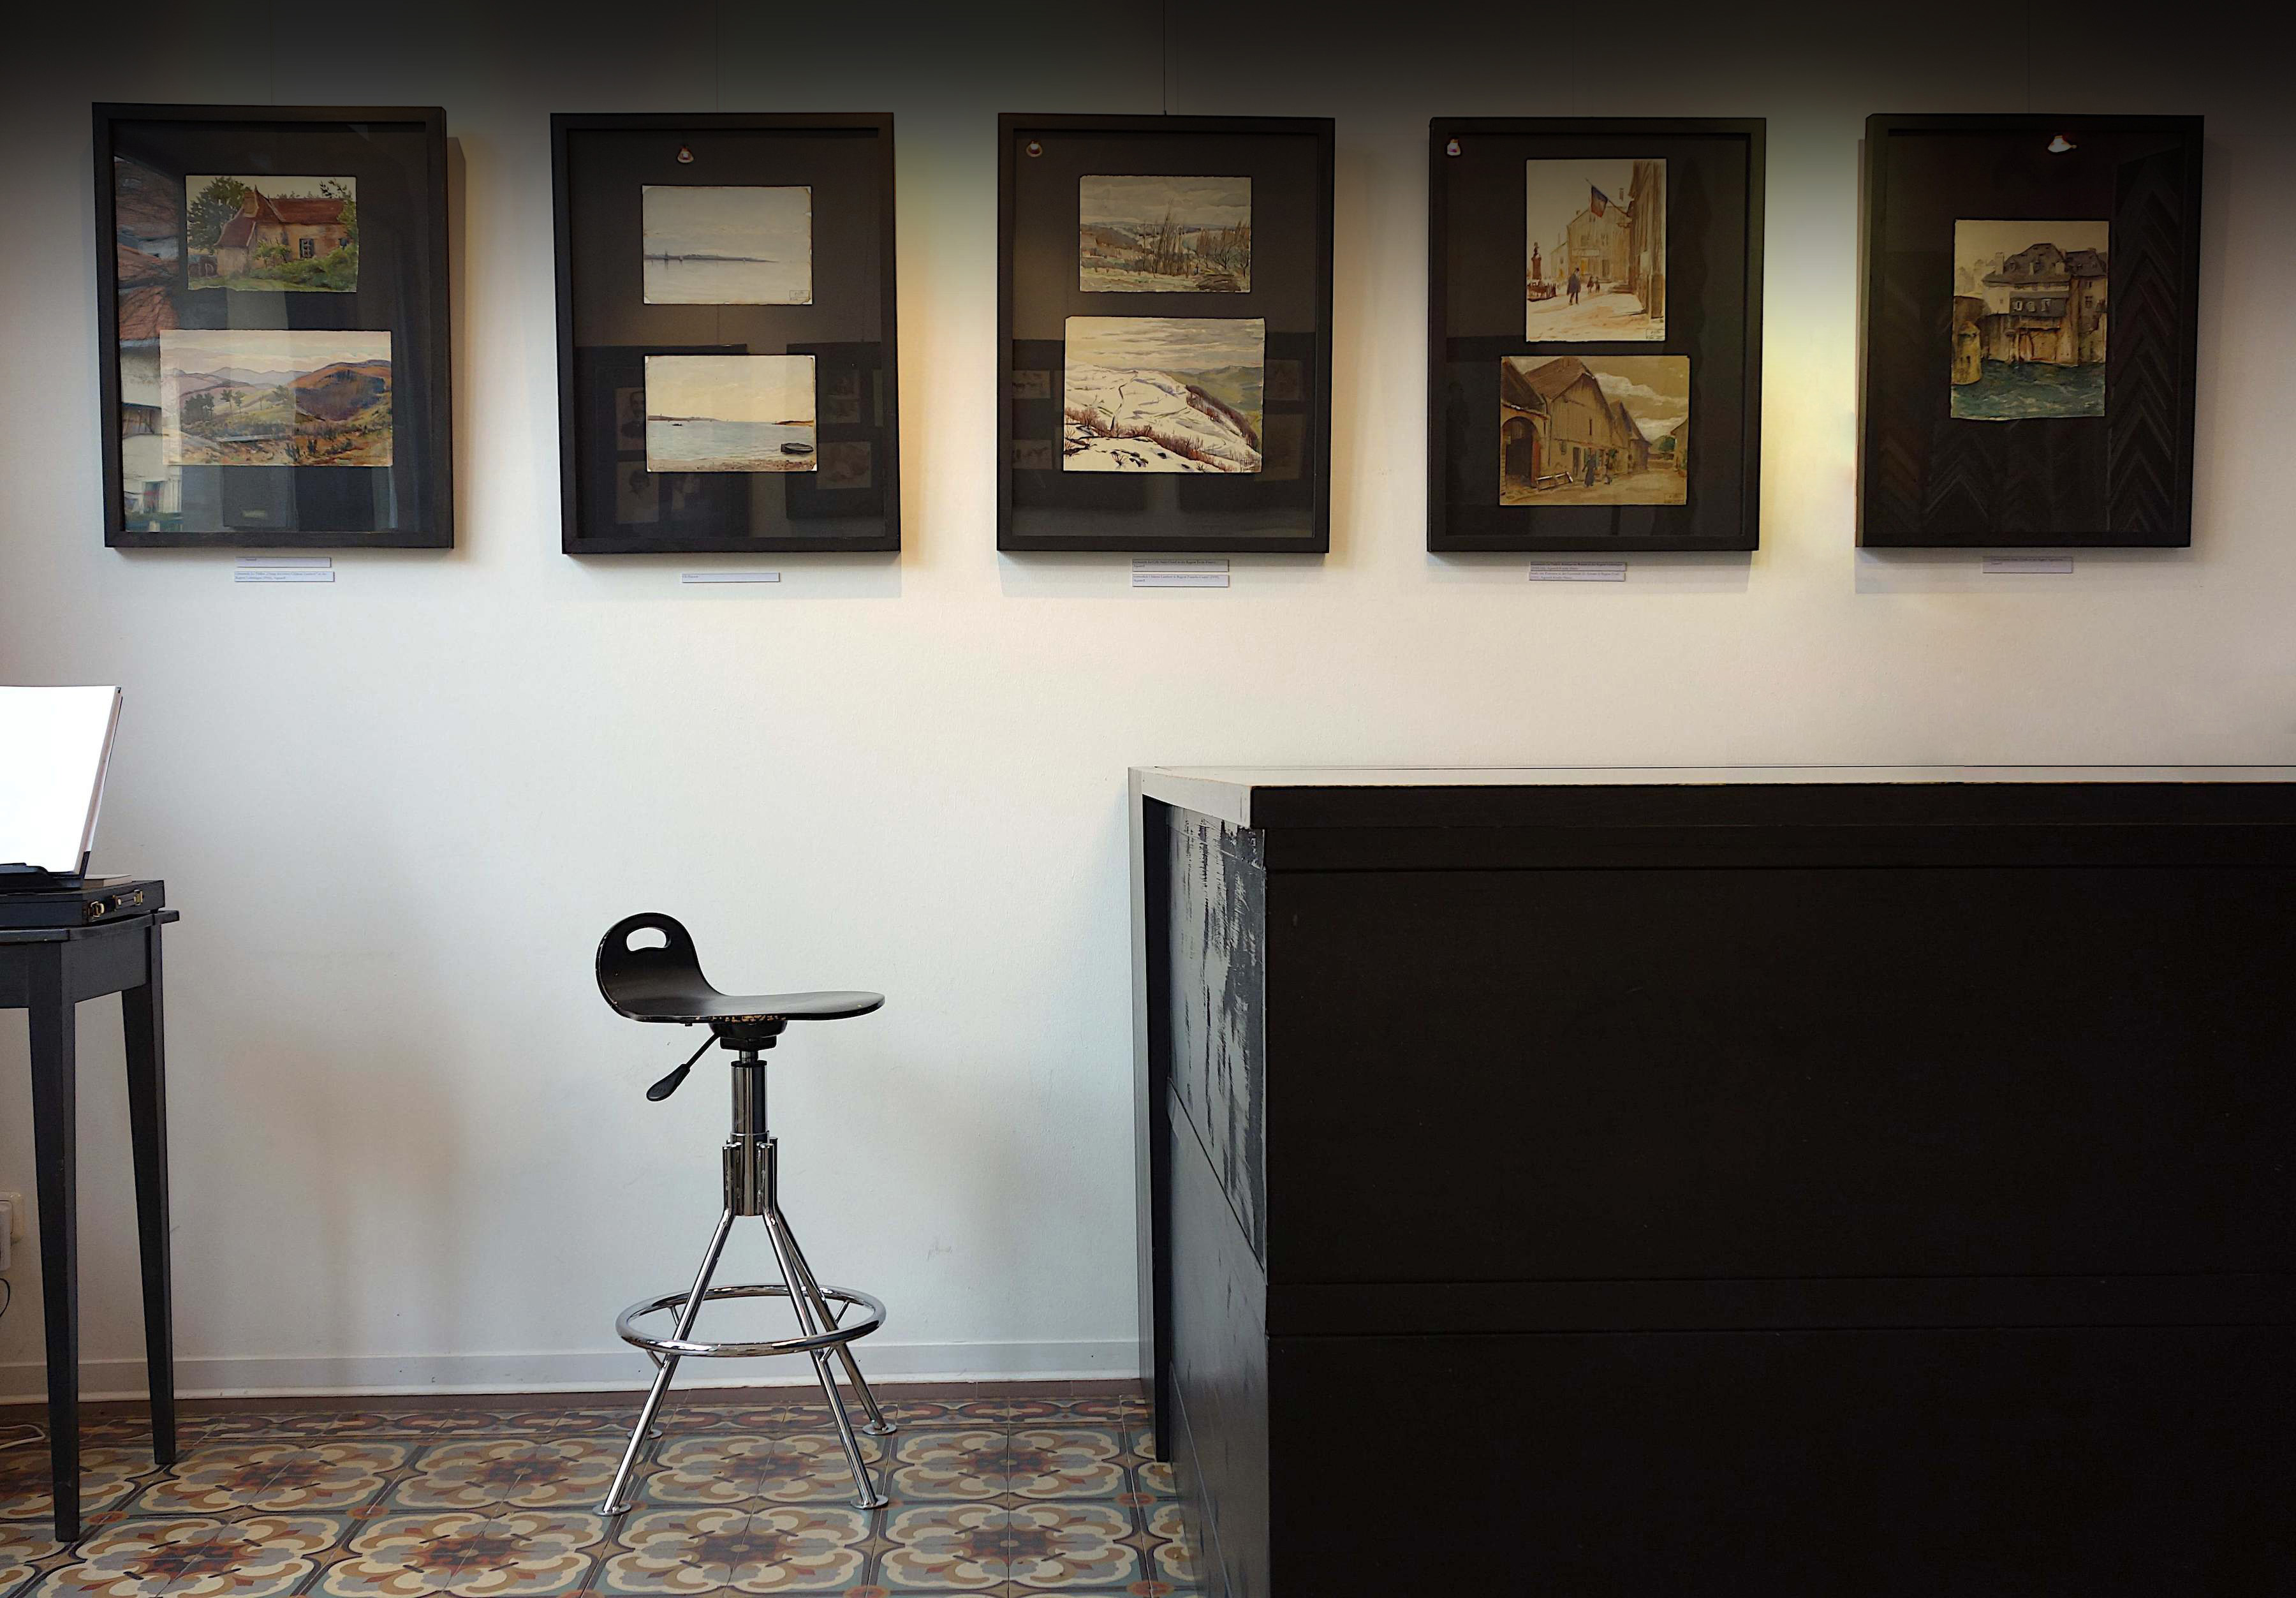 Rahmen & Bild Maria Arlt